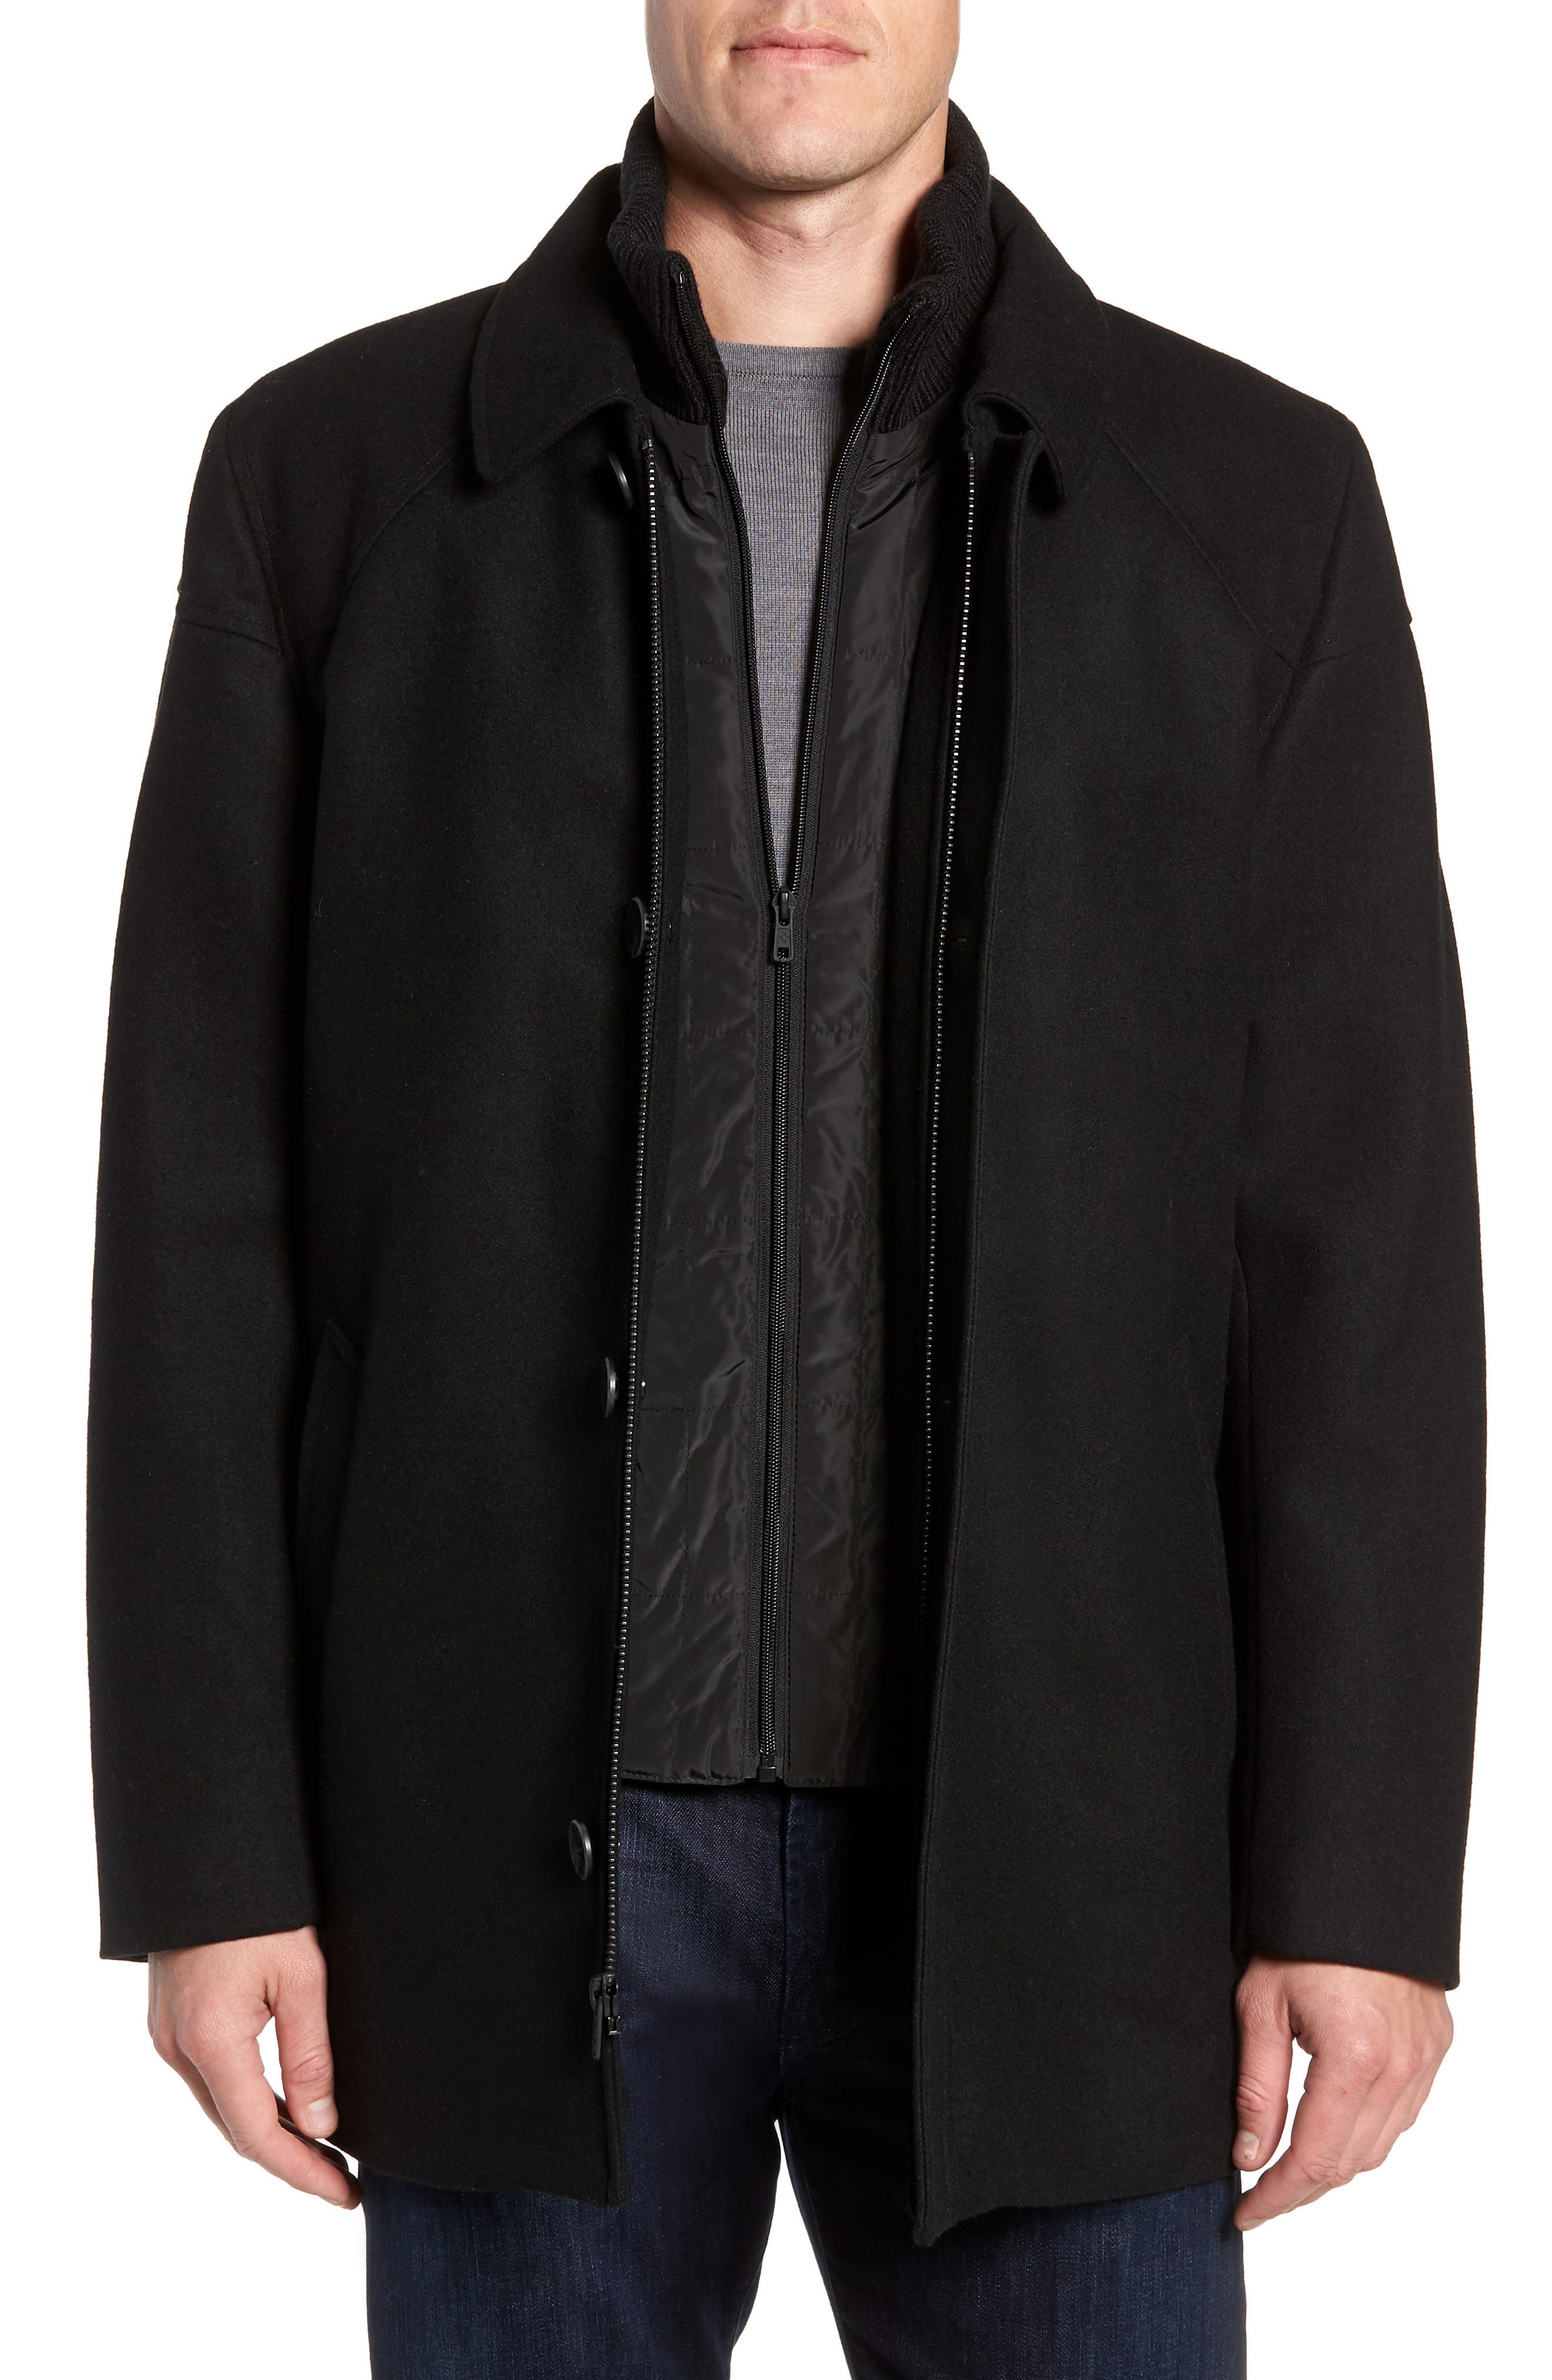 Melton Car Coat with Removable Bib,                             Alternate thumbnail 2, color,                             BLACK